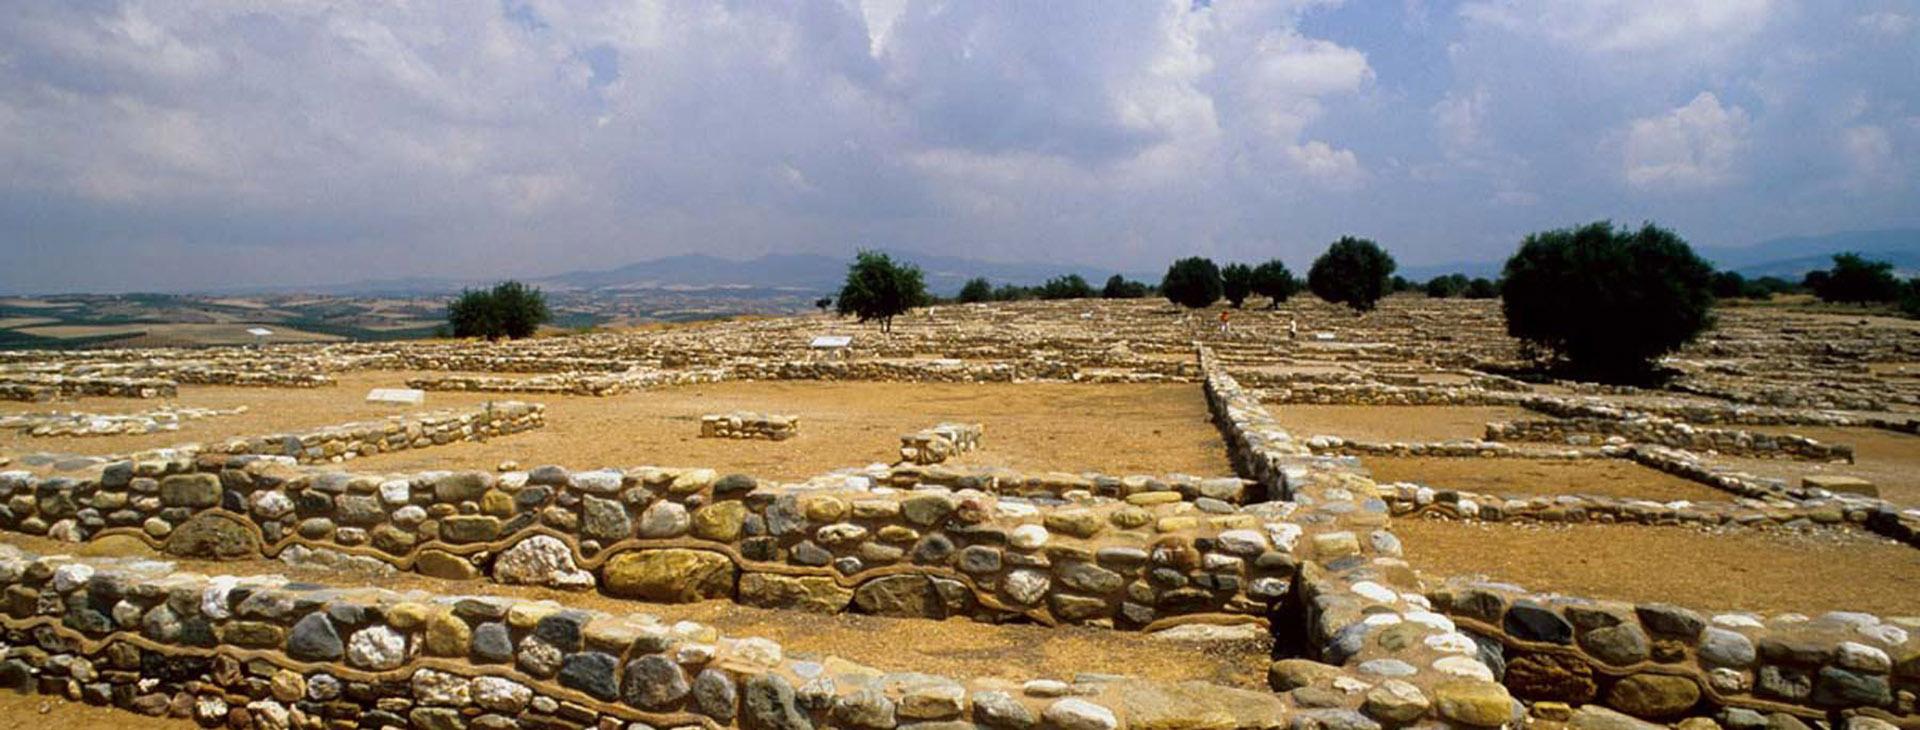 Archaeological site of Olynthos, Halkidiki (Chalkidiki)